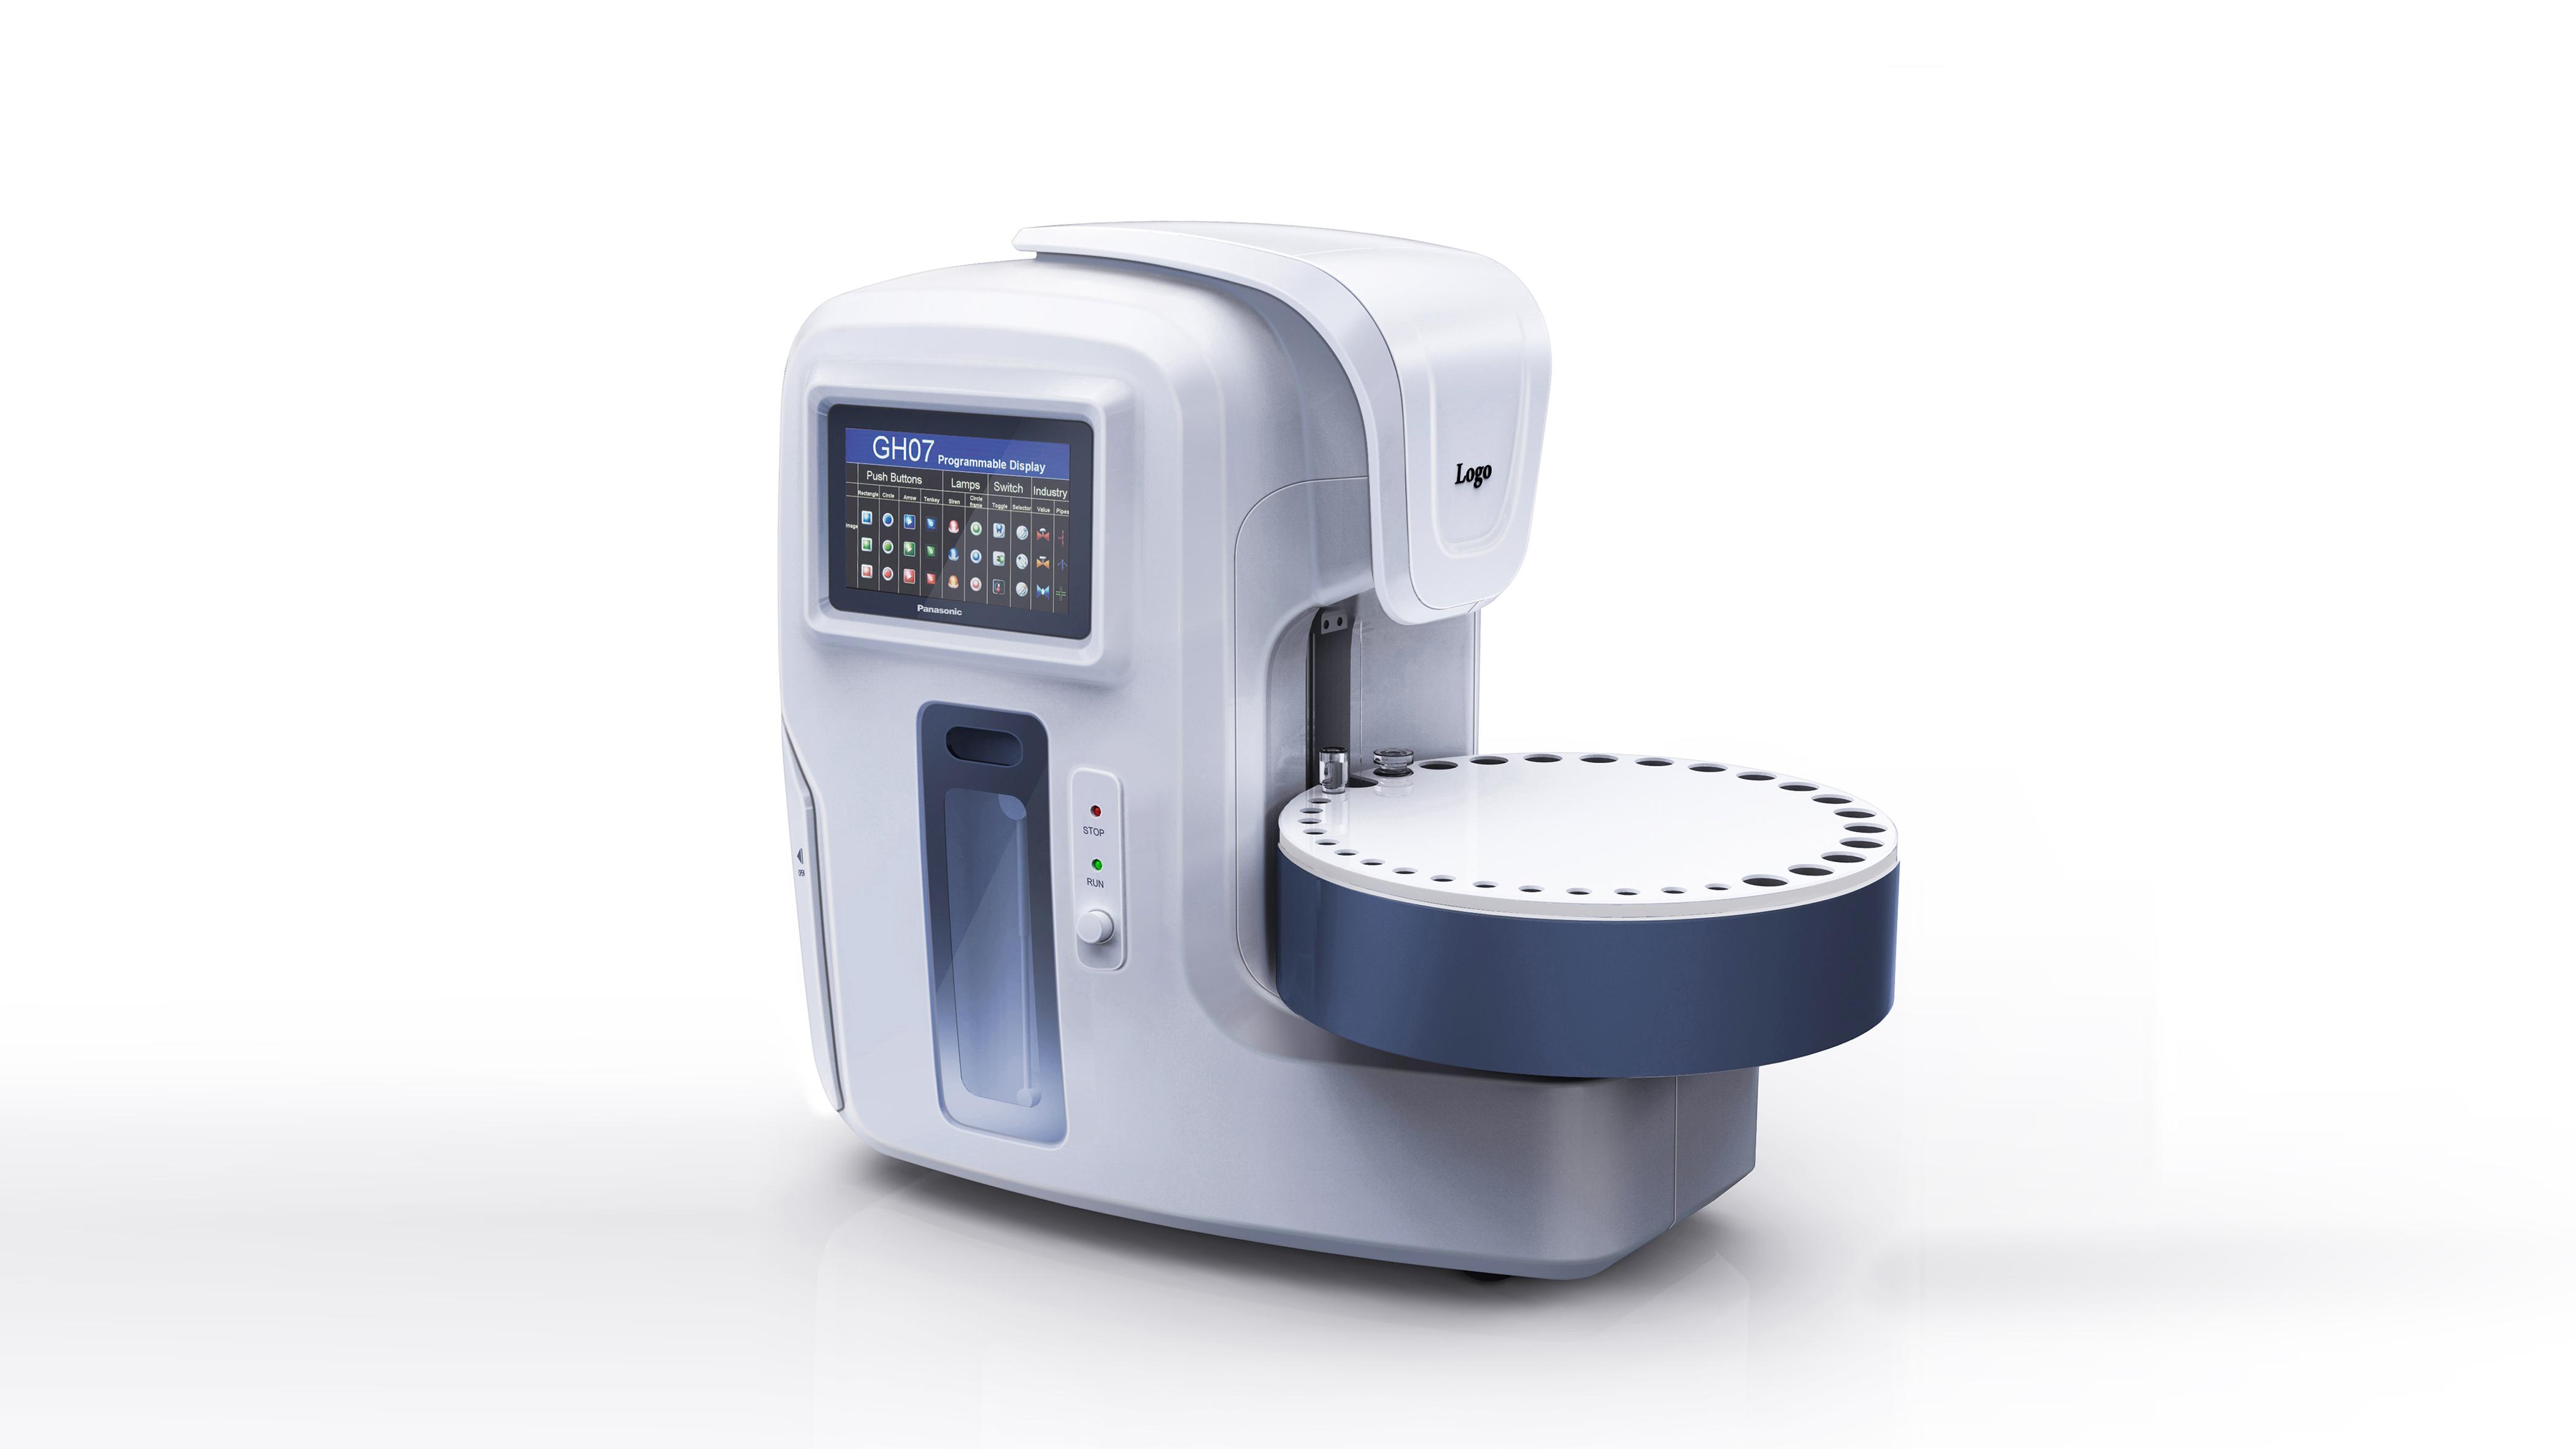 [检测试验仪器]稀释仪/检测实验设备/分析仪器外观工业设计